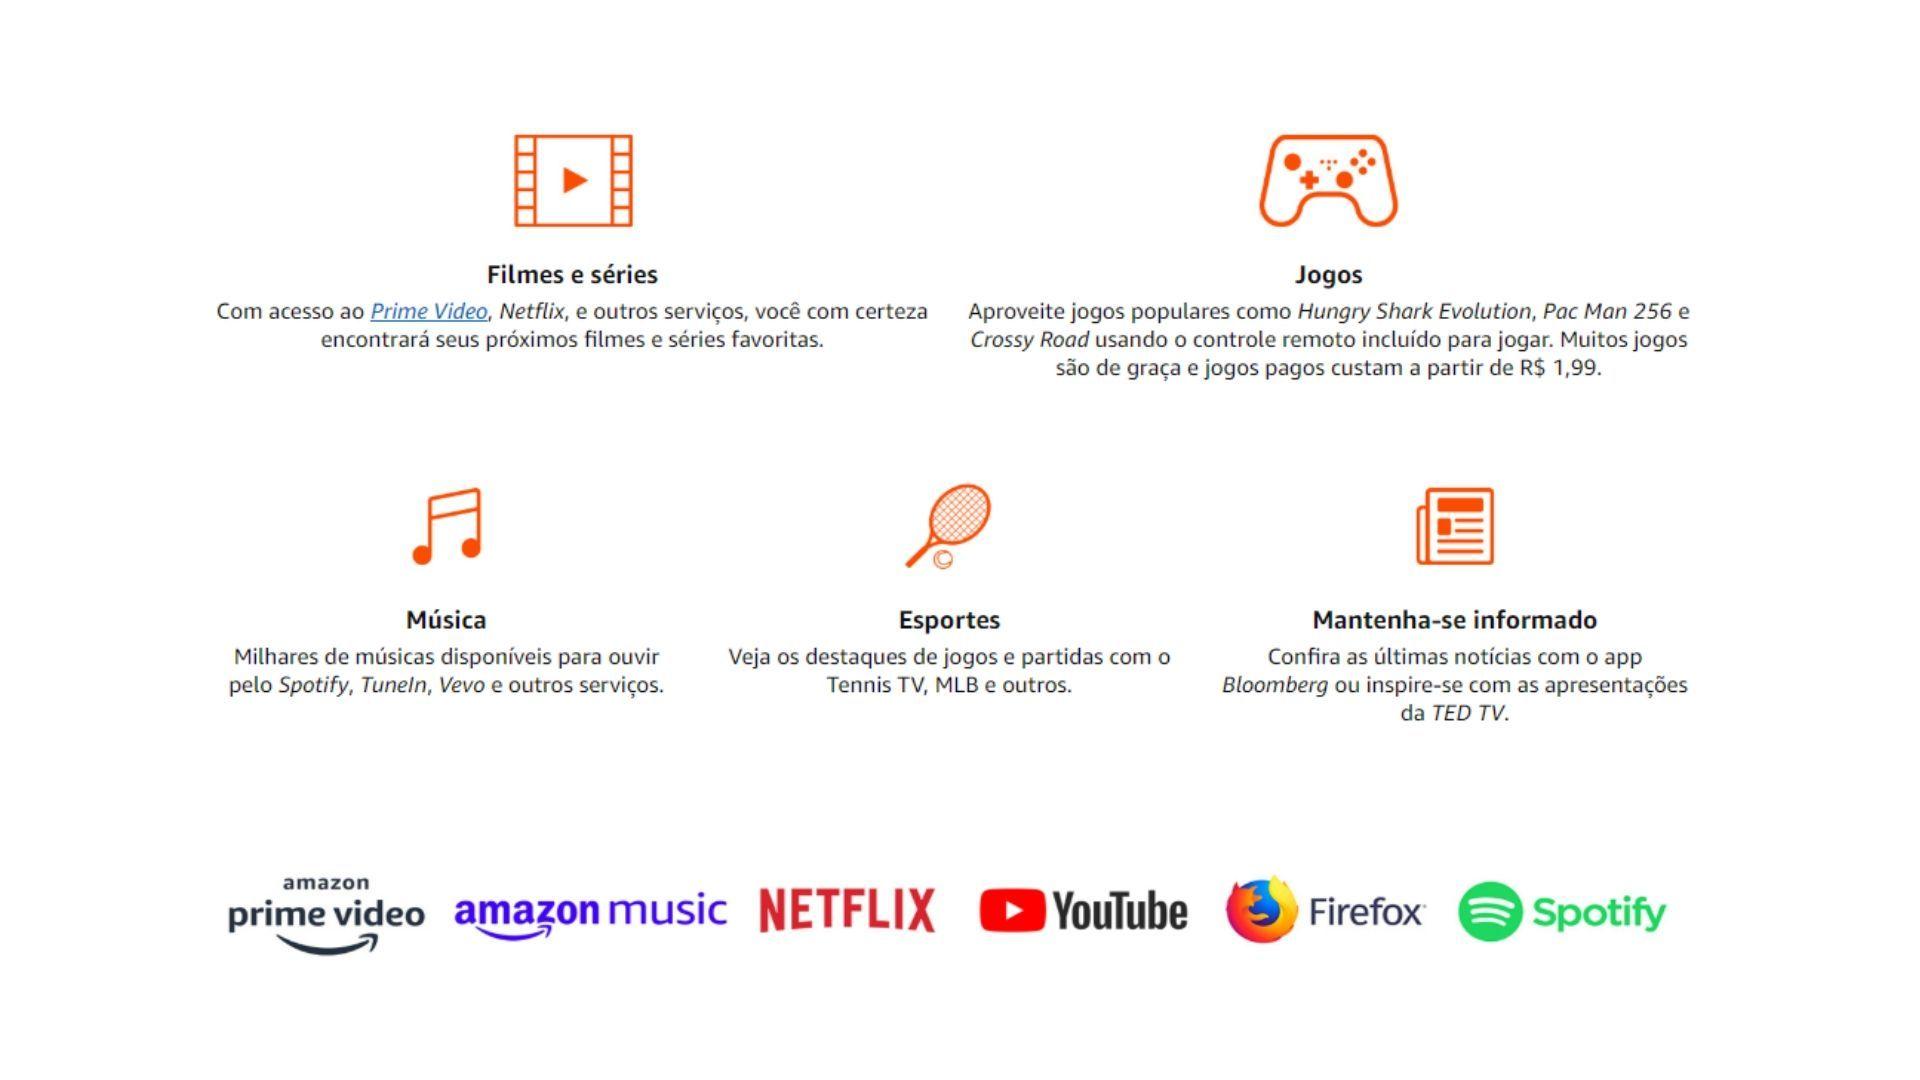 Amazon Prime Video, Netflix e YouTube estão entre os aplicativos compatíveis com o Fire TV Stick da Amazon no Brasil. (Divulgação: Amazon)